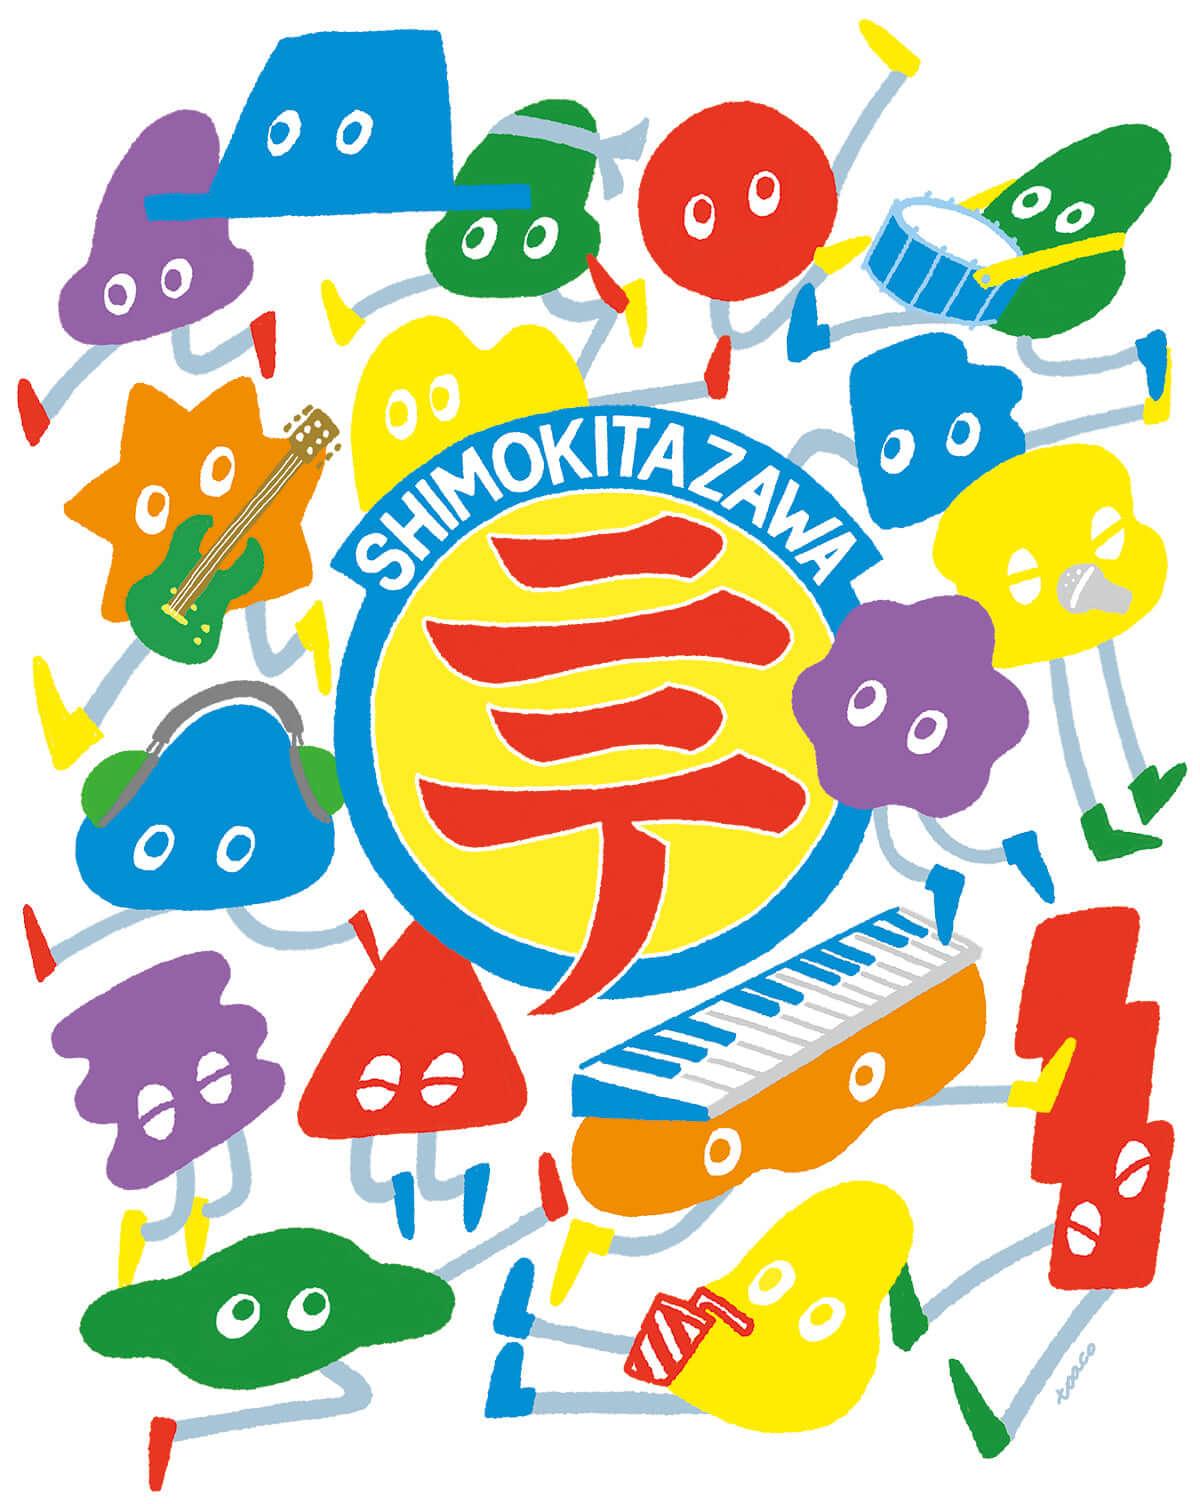 ラジオ番組『Tokyo Brilliantrips』連動!クイーンがSpotify公式プレイリストをジャックなどをご紹介! music181106_shimokita-nite_main-1200x1504